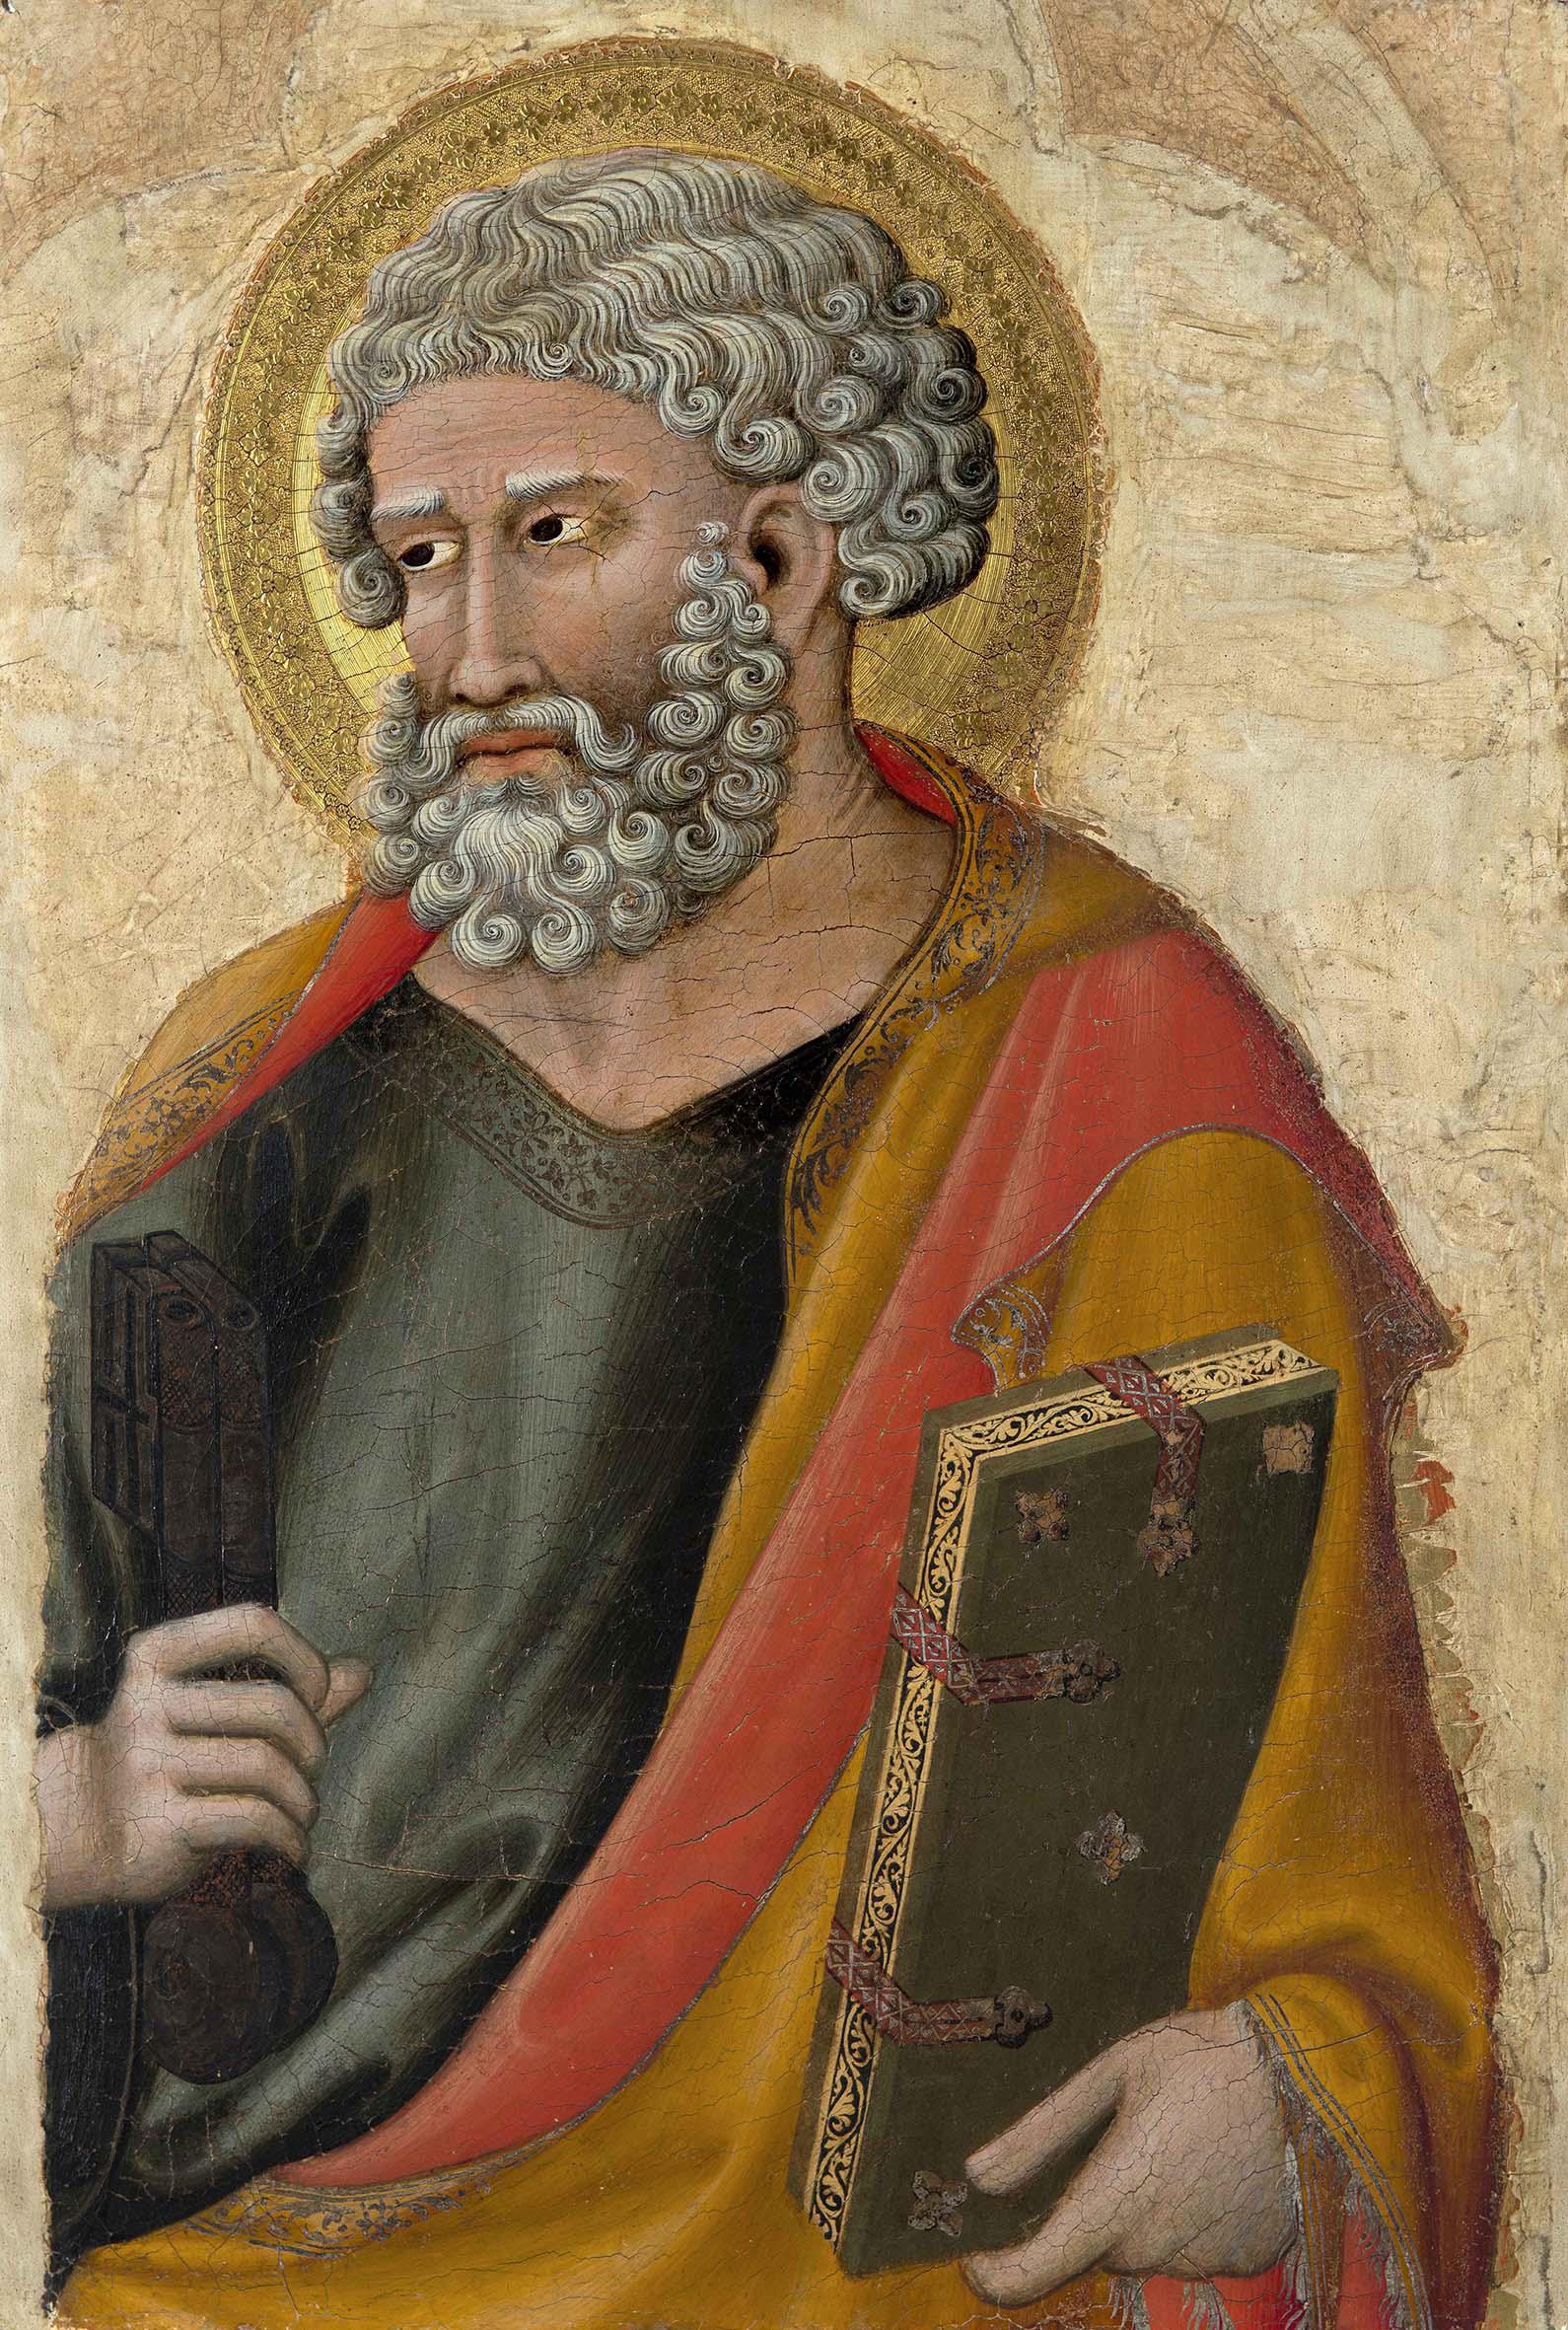 Francesco di Traino, 'San Pietro' (1325-1330), tempera e oro su tavola. Pisa, Museo Nazionale di San Matteo